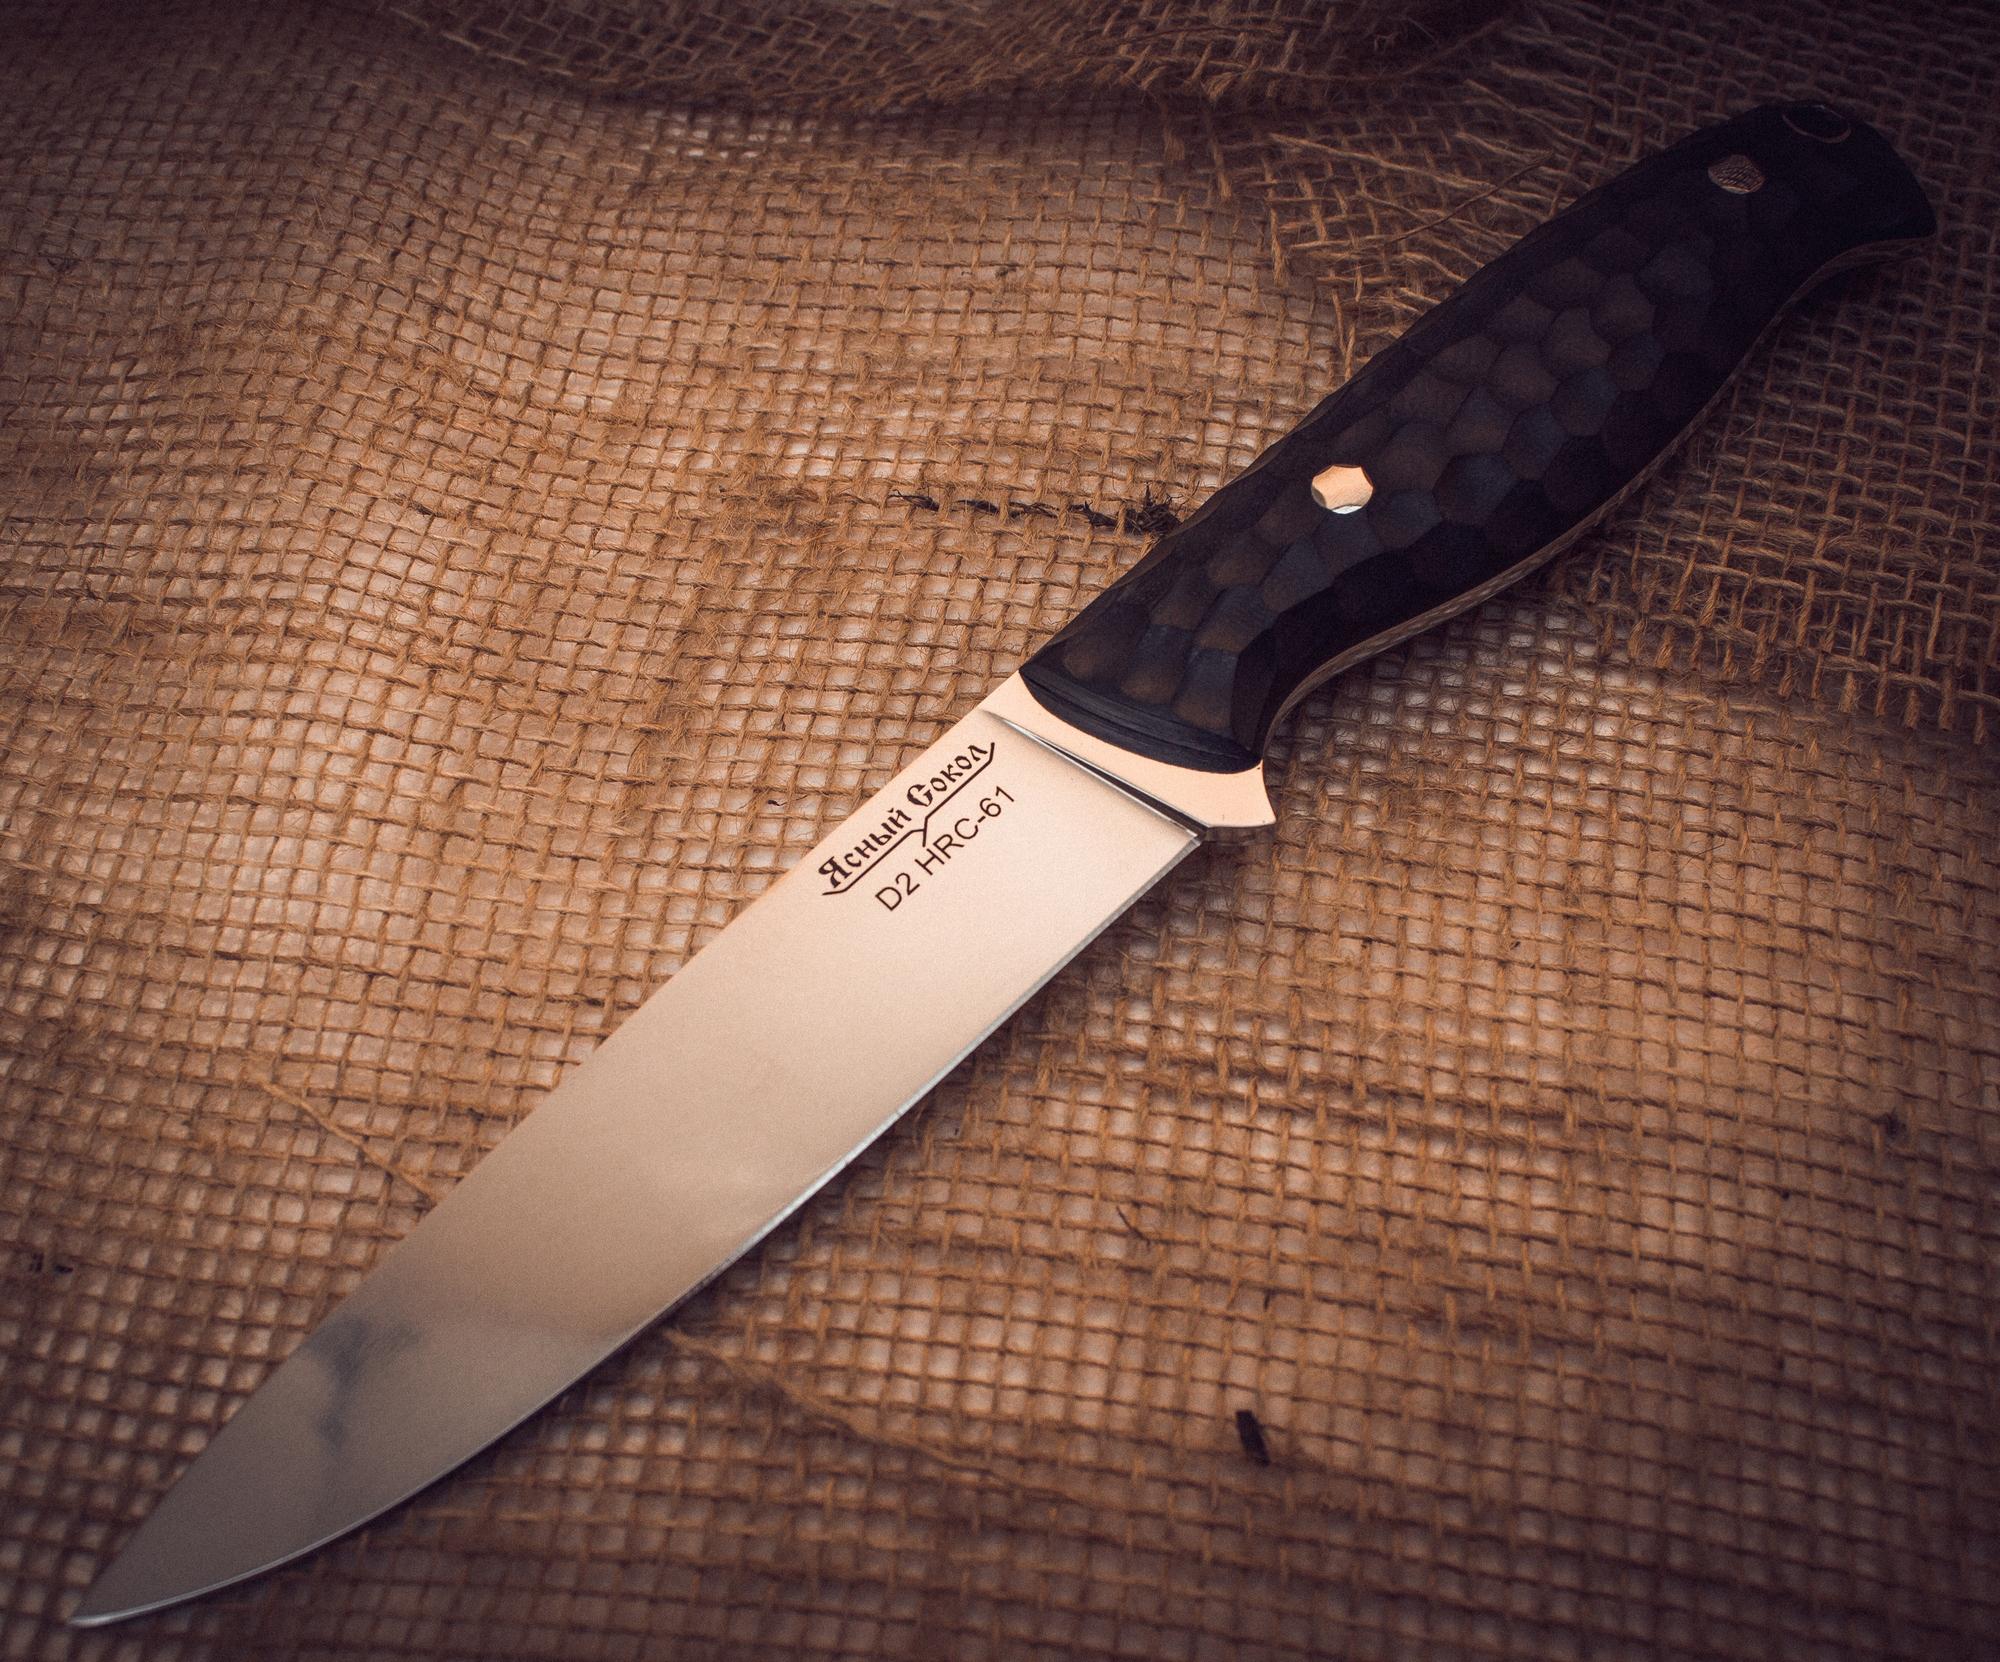 Нож Хищник, стилизация под каменьНожи Павлово<br>Нож Хищник - результат долгой творческой работы. Мы с гордостью можем сказать, что получился популярный нож, который отлично справляется с различными типами задач. Главное его свойство универсальность.За счет формы клинка он хорошо справляется с любым типом продуктов. Именно такого ножа, как правило, всегда не хватает на дружеских пикниках. Нож имеет хорошо контролируемый деликатный рез. Парное мясо, свежие овощи, сыр и колбаса - этому ножу все по плечу. Но при этом он легко настрогает щепок или расколет небольшое полено пополам.Нож имеет удобную ухватистую рукоять, выполненную из надежного ударопрочного материала G10. Этот материал не боится влаги, сырости или резкого изменения температуры. Декоративное рифление, стилизованное под камень, делает этот нож не только полезным, но и стильным элементом экипировки.Ну и конечно, такой нож не может обойтись без удобных ножен. Ножны четко повторяют контуры ножа и обеспечивают его надежную фиксацию. Две петли дают возможность выбрать тот тип подвеса, который удобен именно вам - свободный или фиксированный. Завершающим штрихом, подтверждающим высокое качество ножа, является логотип компании «Ясный Сокол».<br>